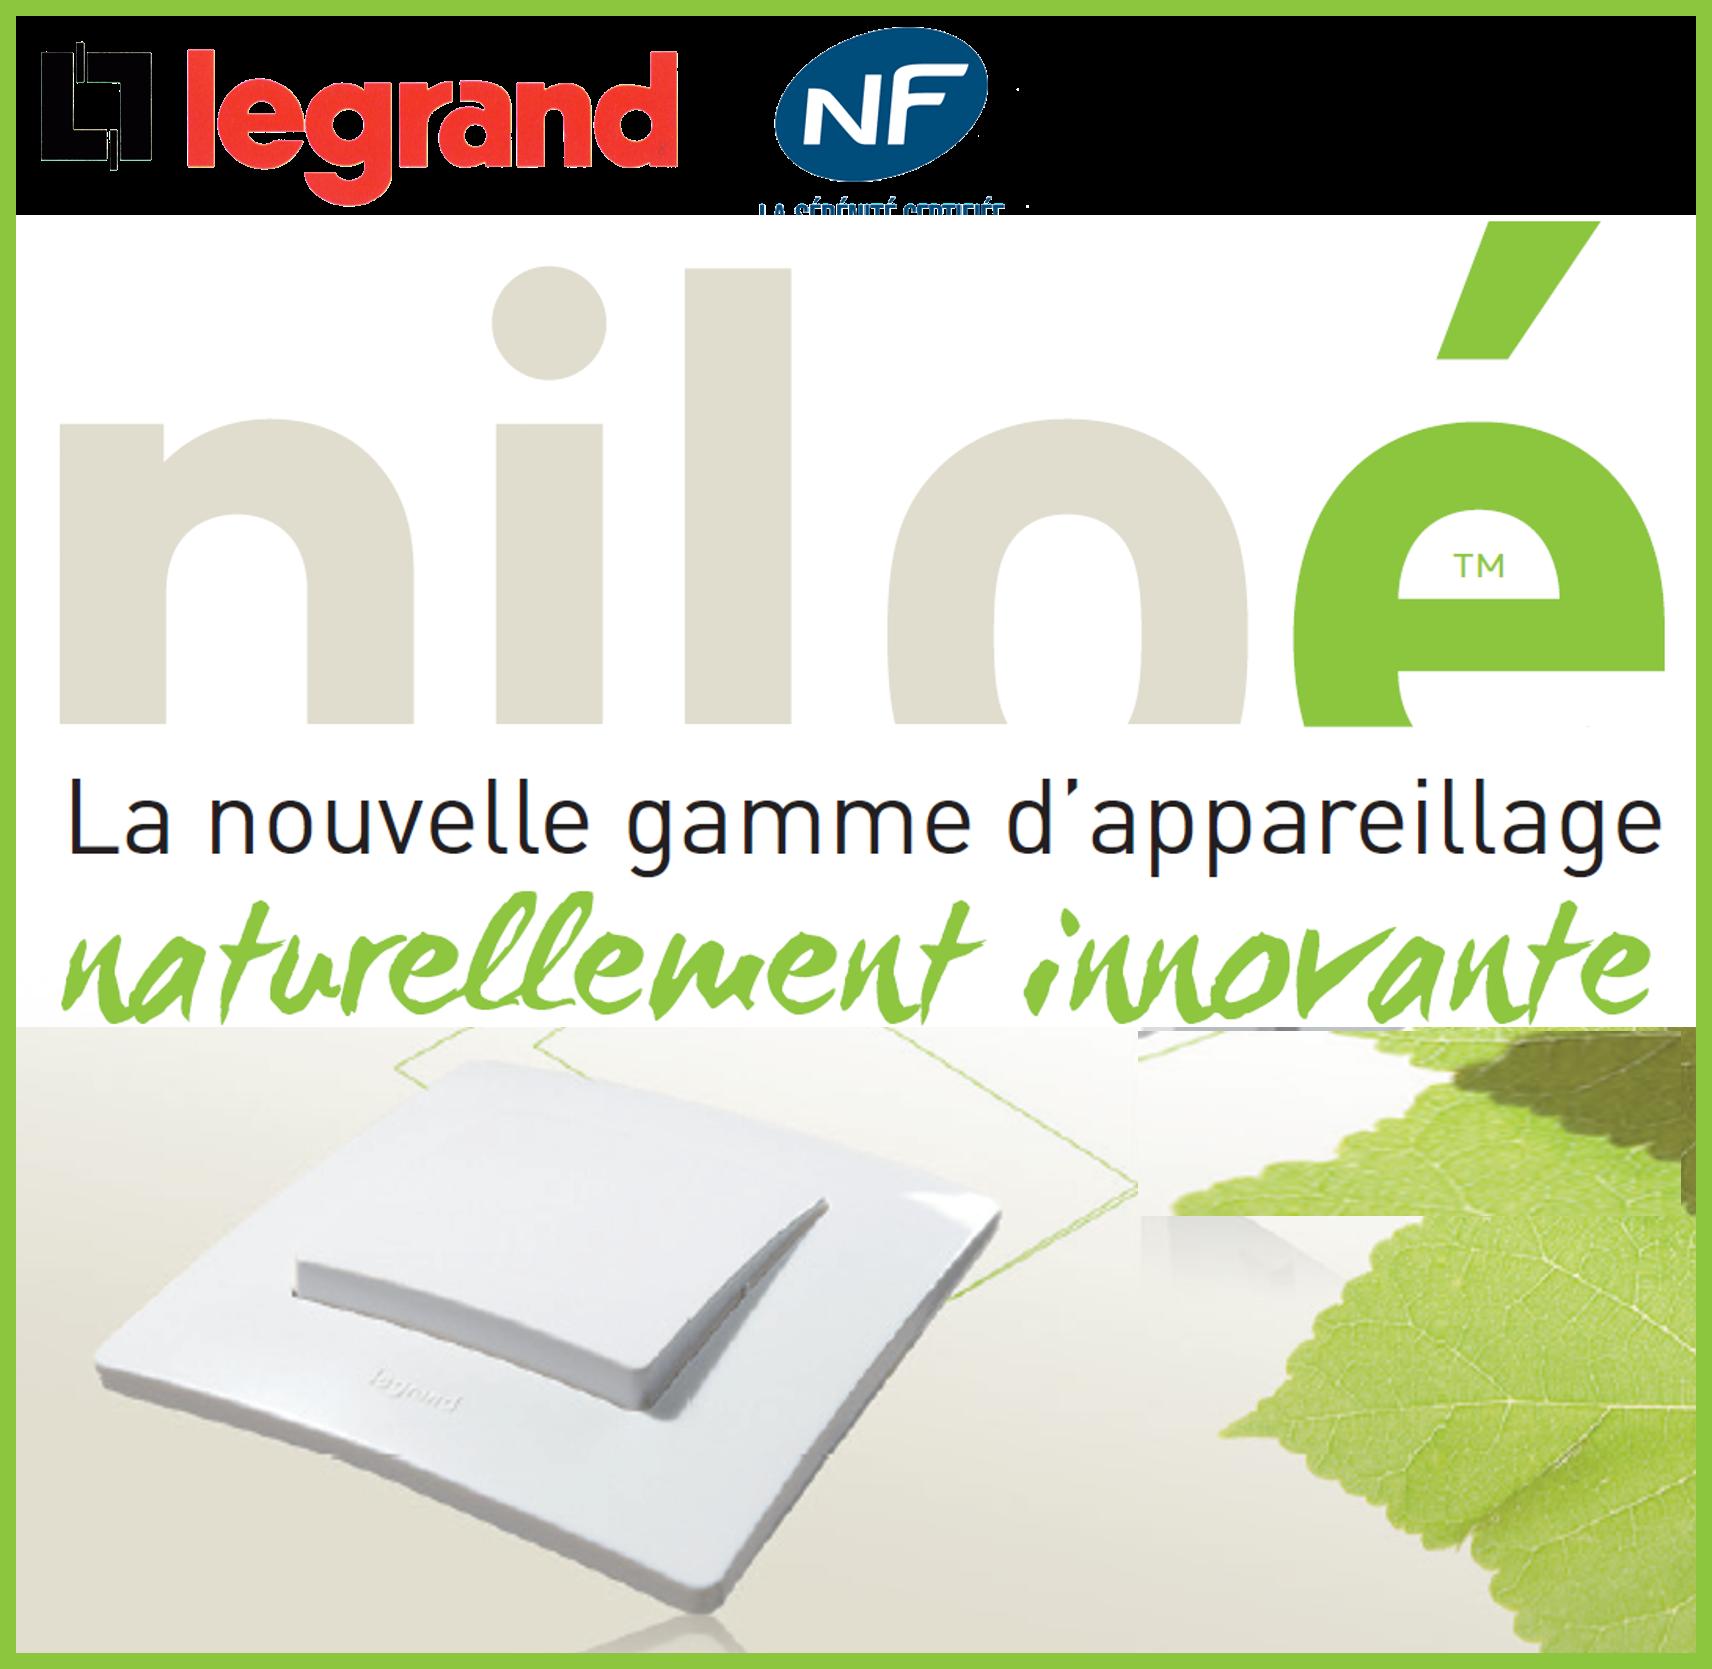 Logo appareillage Niloé, la nouvelle game d'appareillage Legrand naturellement innovante